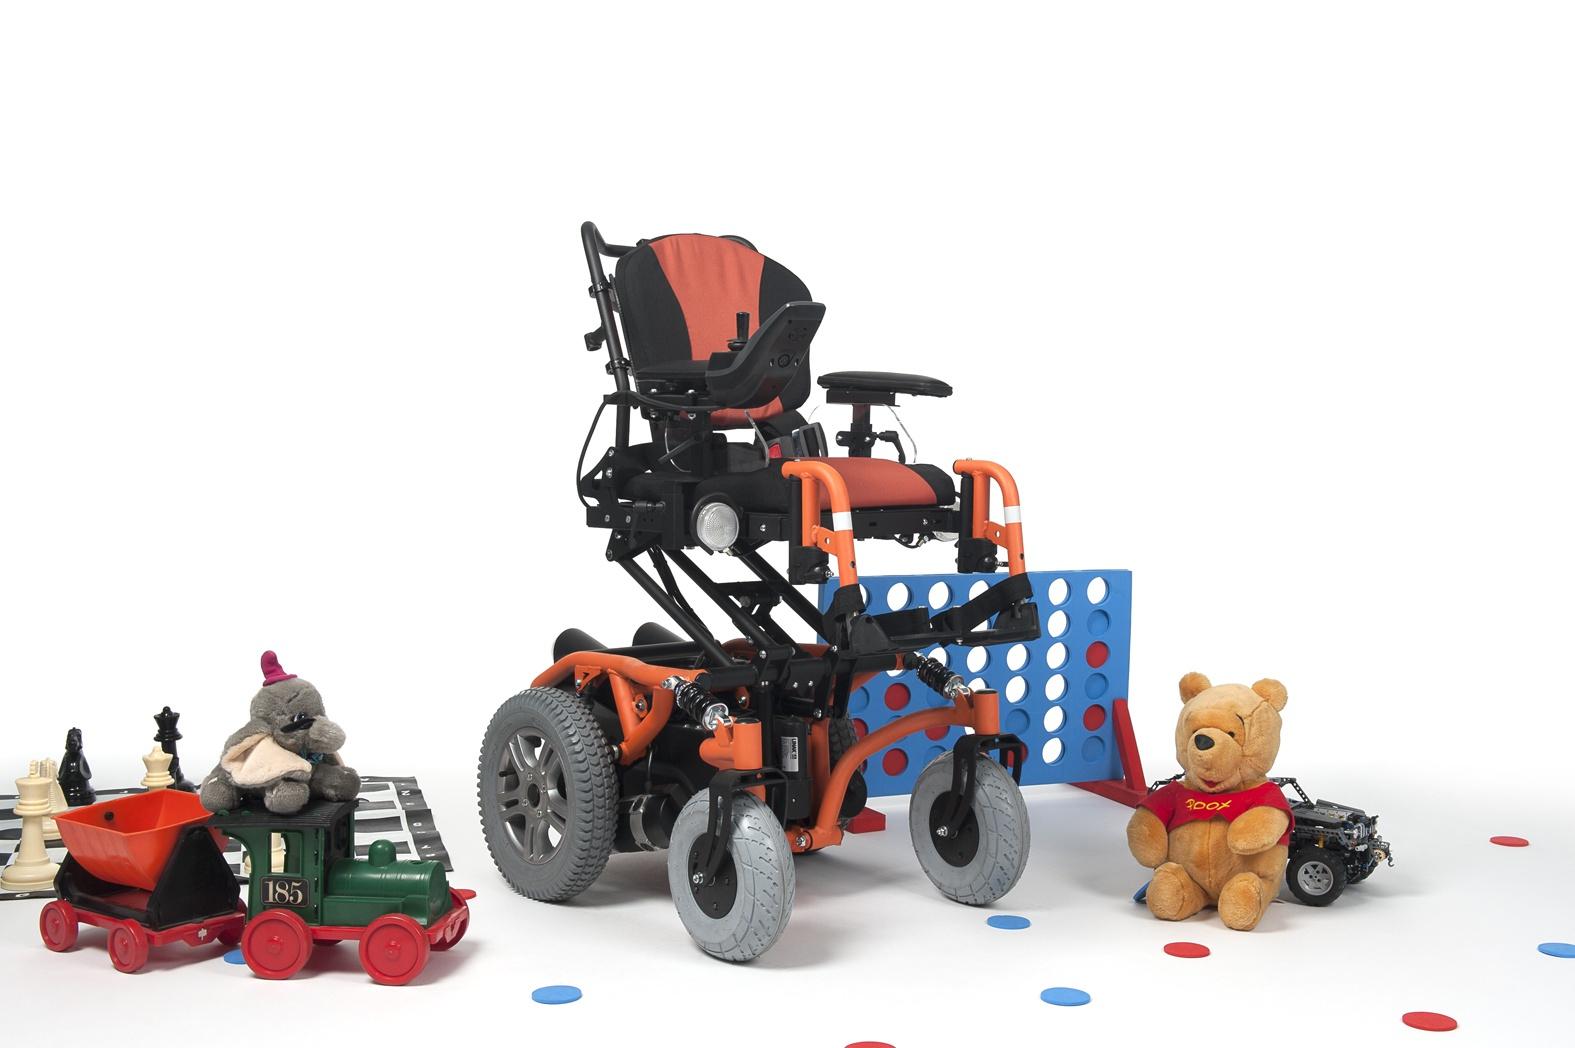 SPRINGER Wózek z napędem elektrycznym pokojowo-terenowy